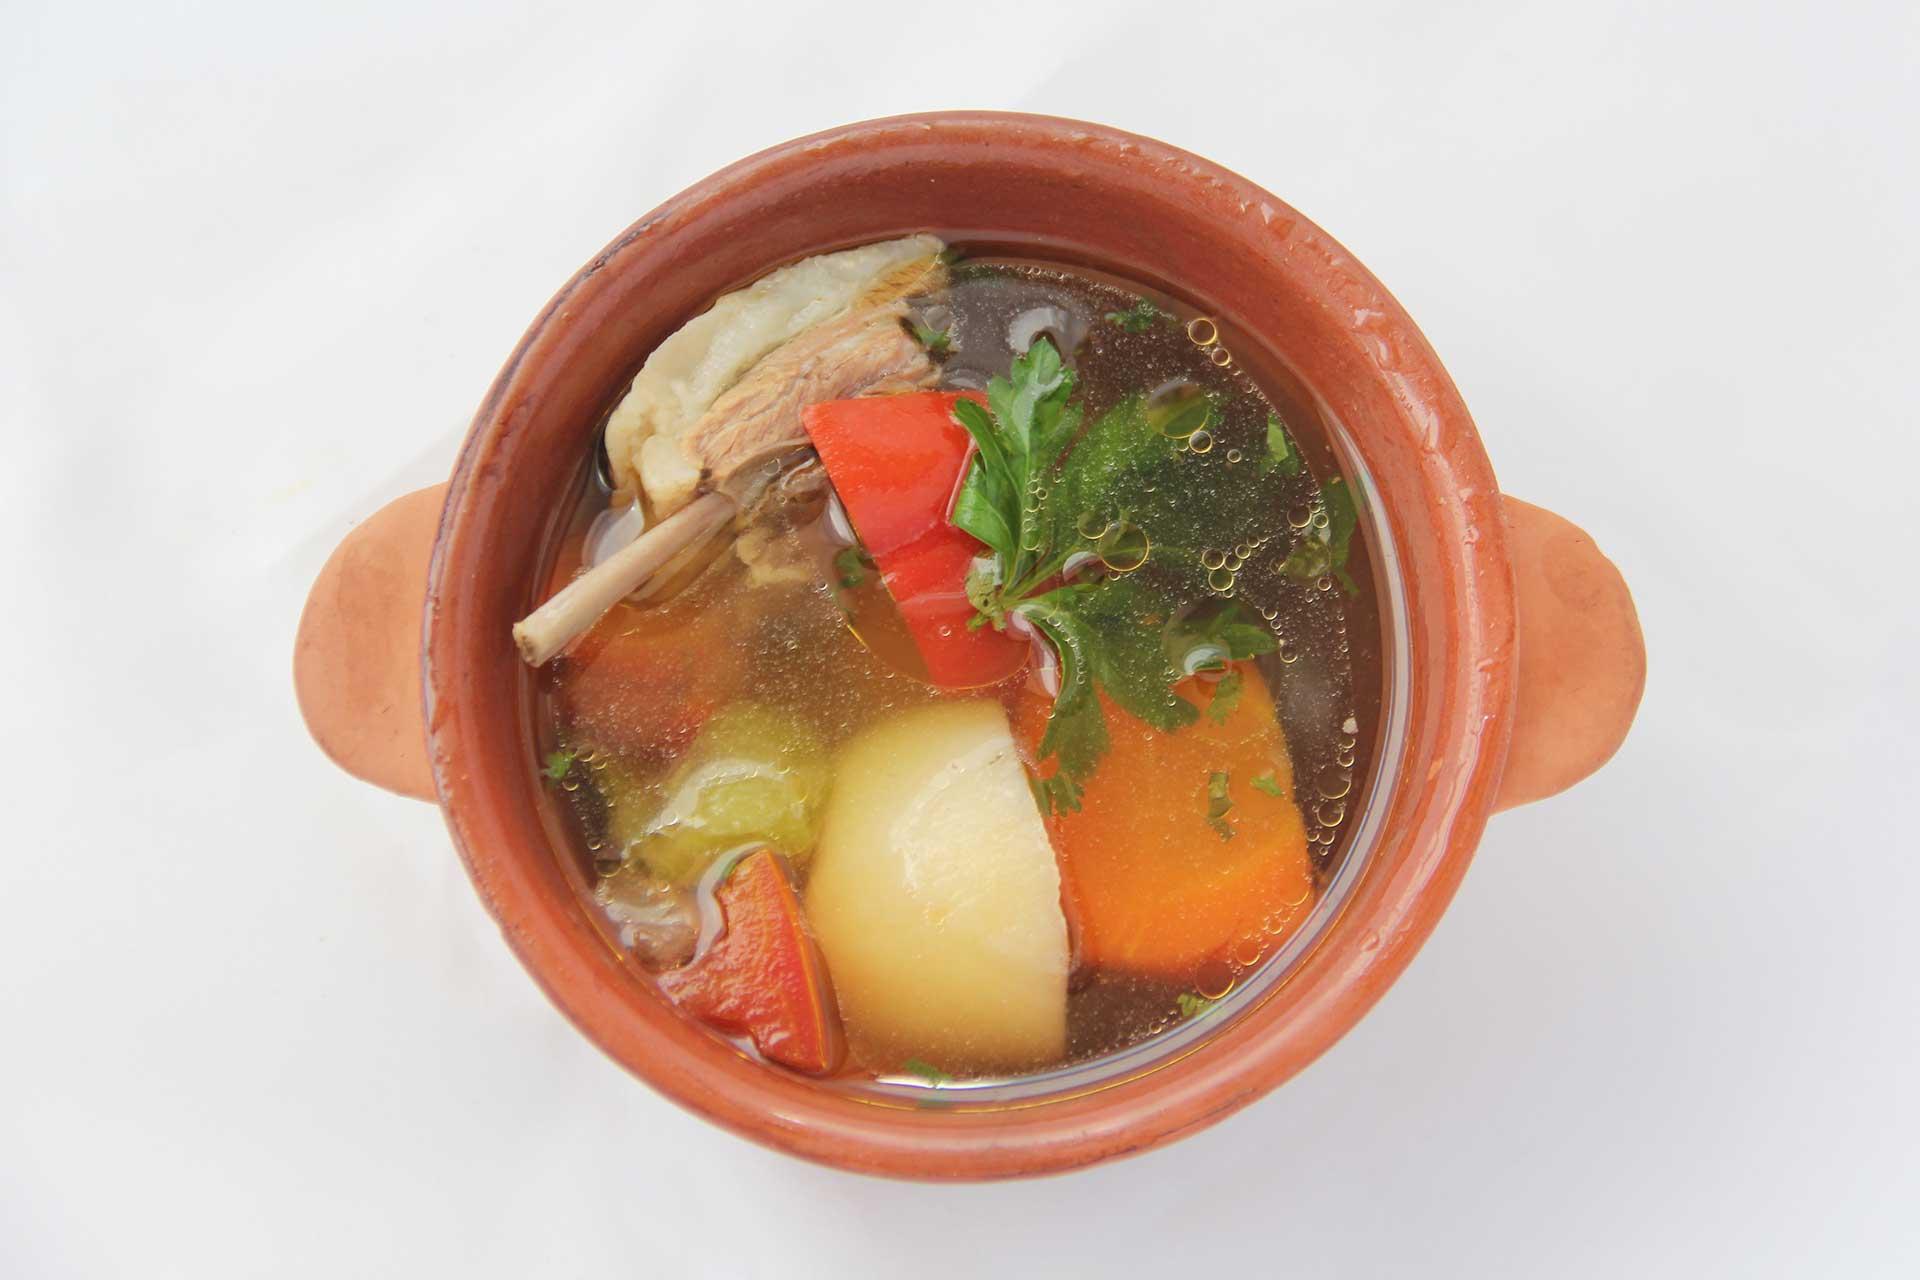 Выберите из самых вкусных деревенский суп с бараниной, вперед на кухню, пора начать готовить по указанным в рецепте инструкциям.